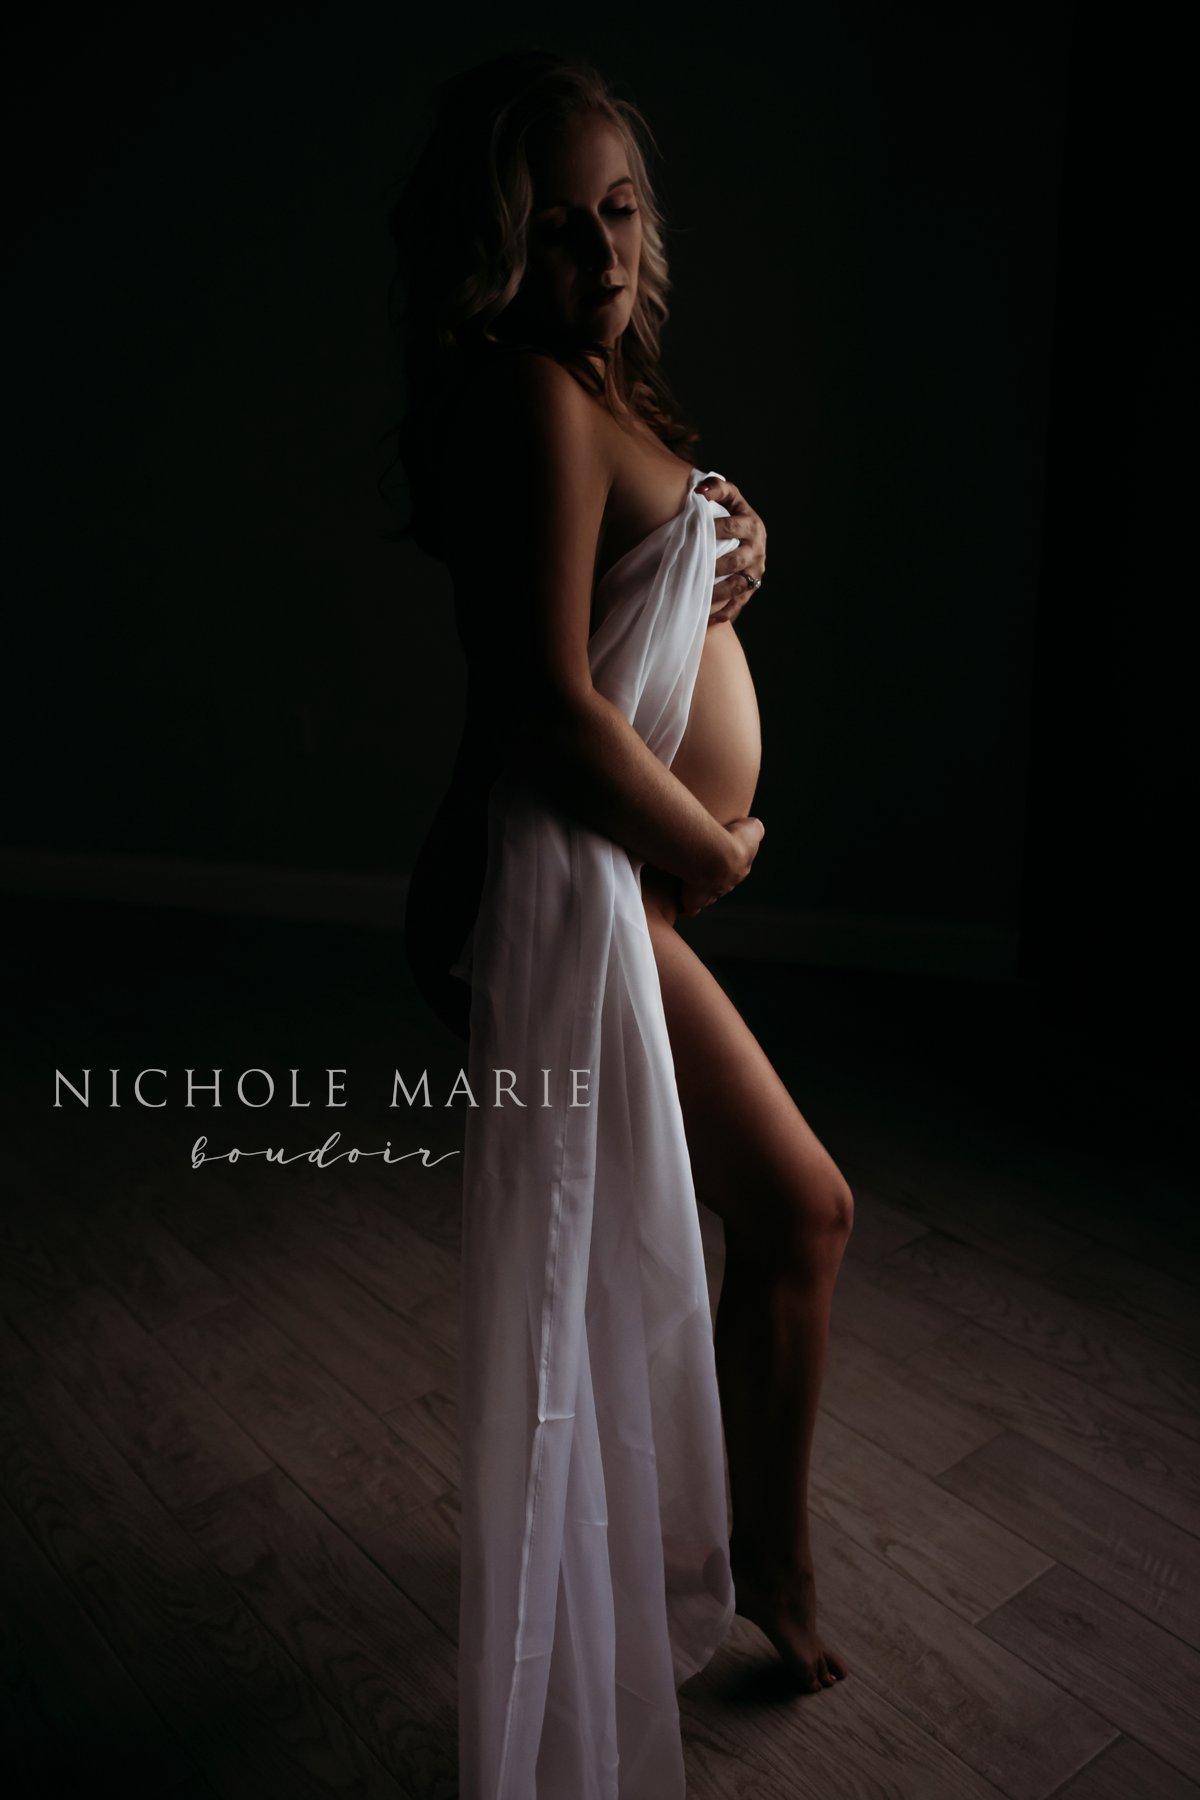 SEBASTIAN FLORIDA BOUDOIR PHOTOGRAPHER   NICHOLE MARIE BOUDOIR_0660.jpg